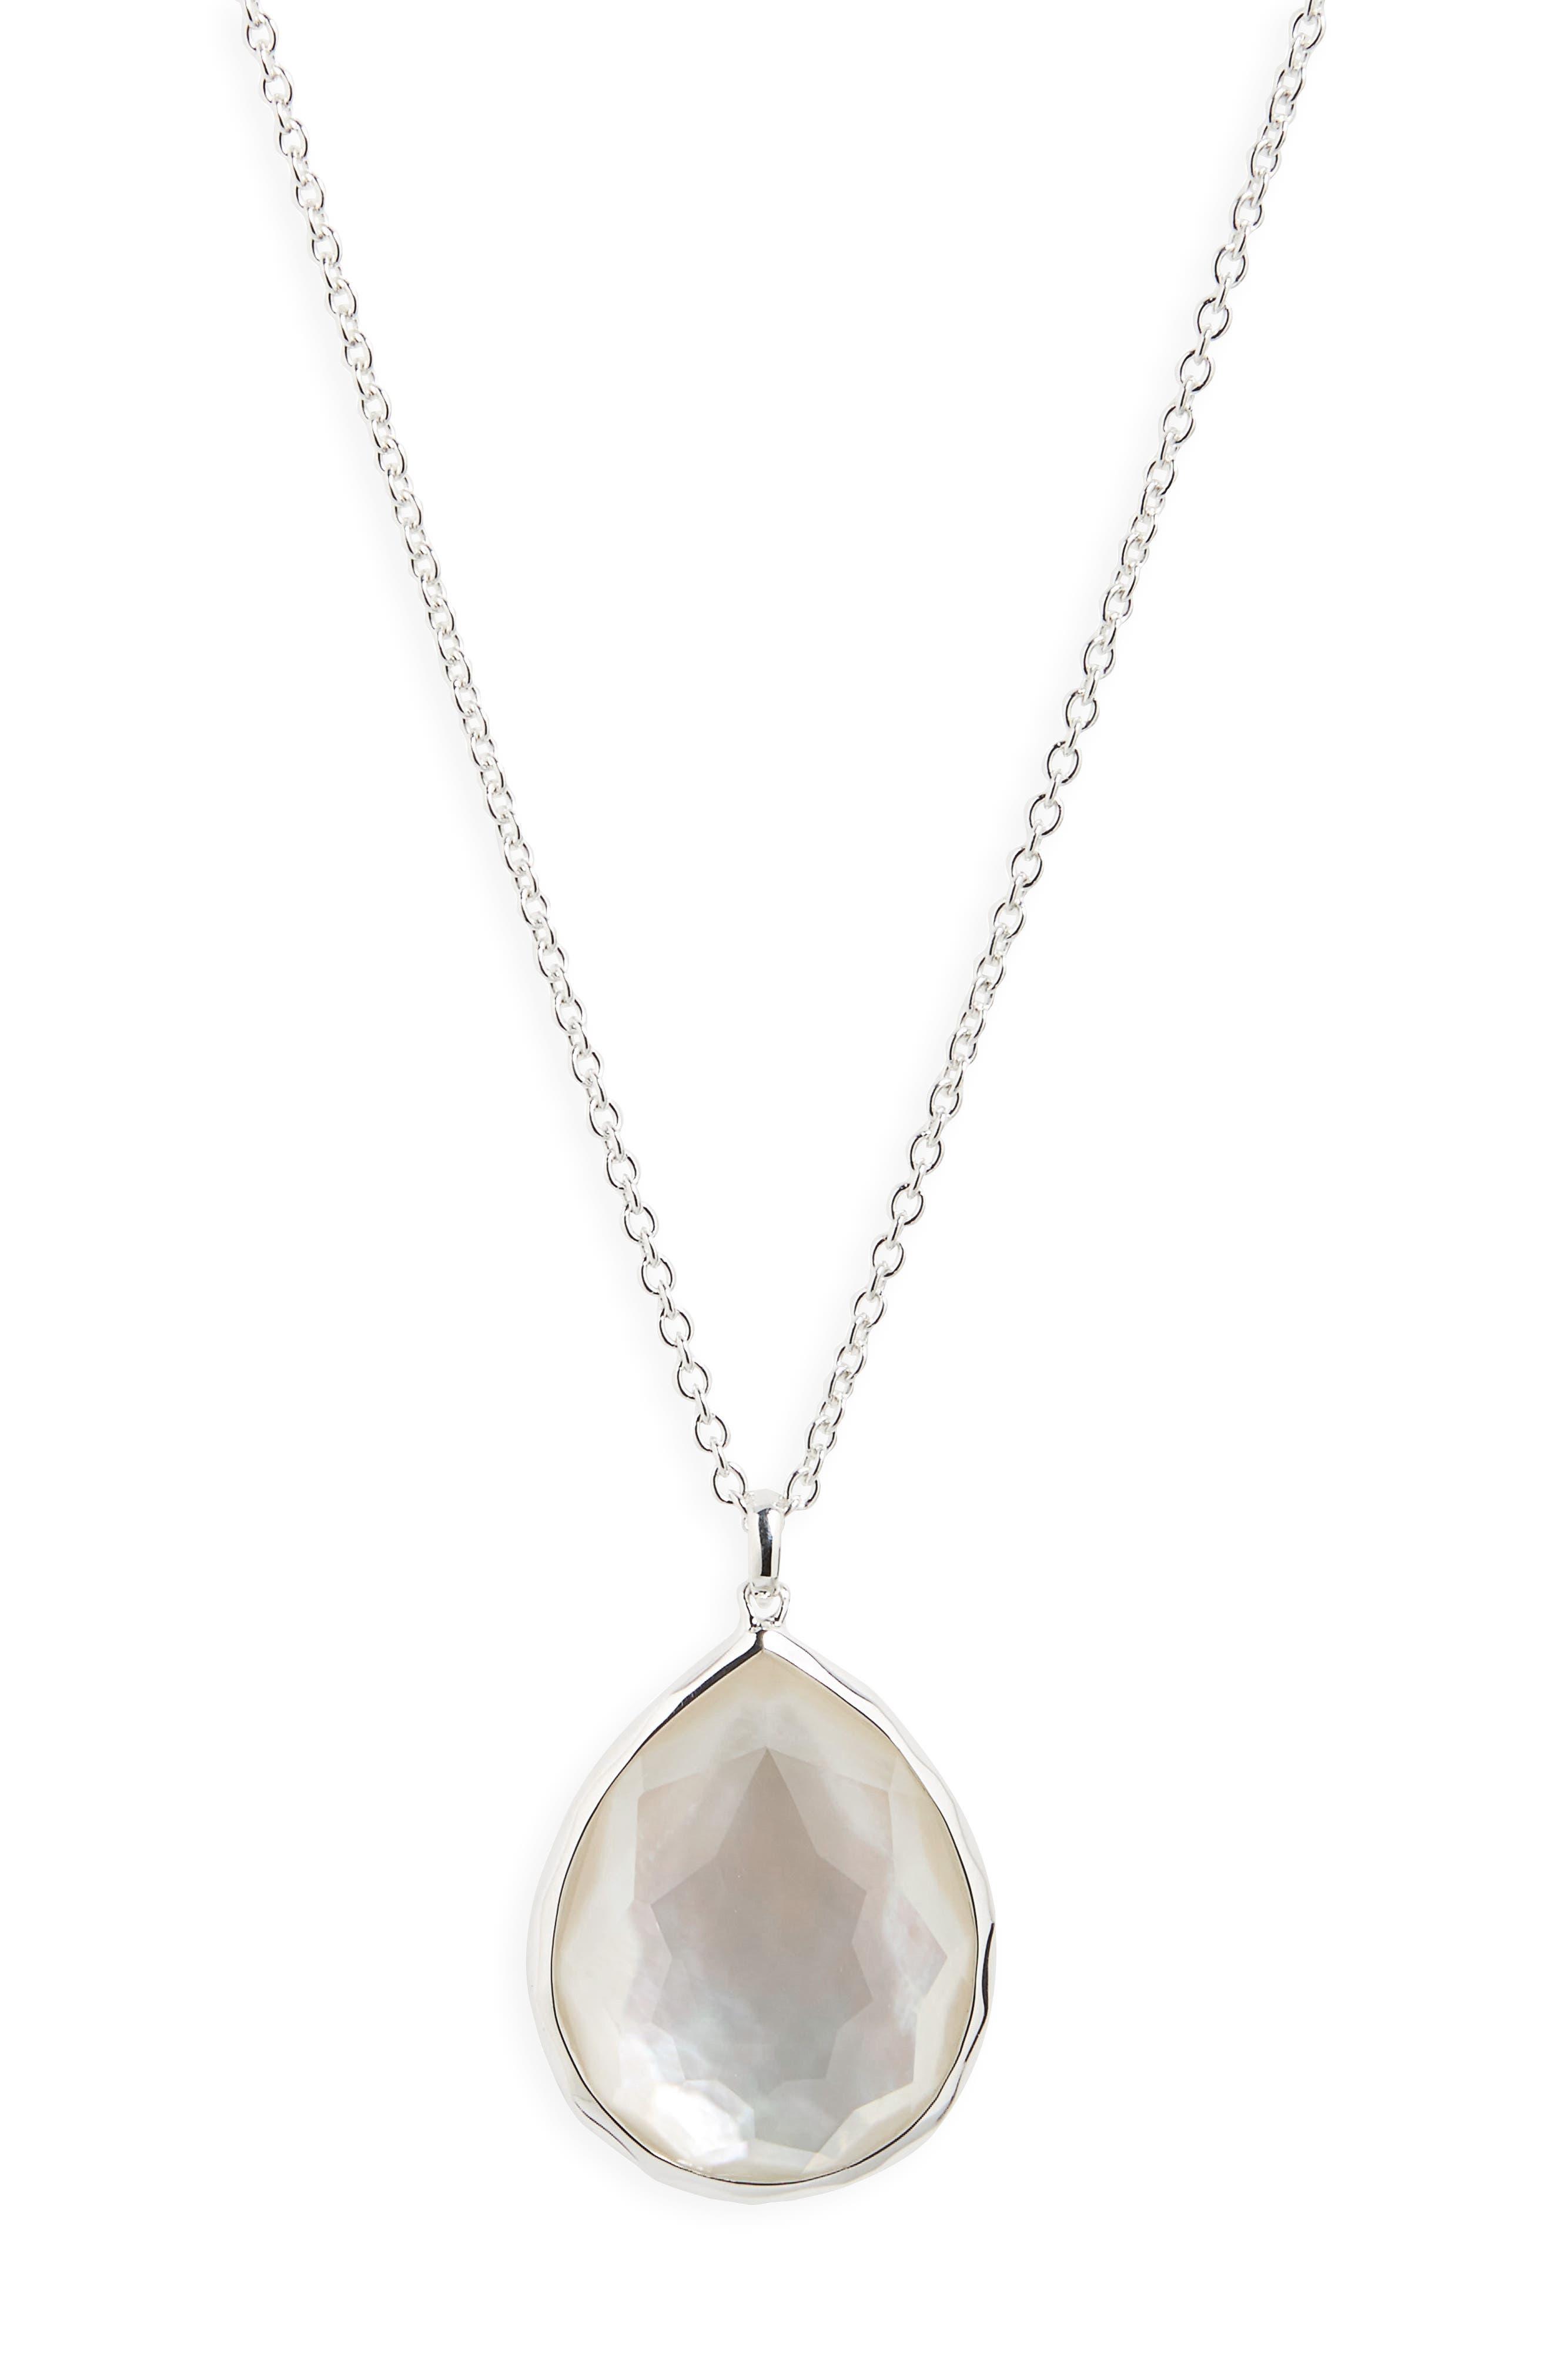 Ippolita Sterling Silver Wonderland Large Teardrop Pendant Necklace